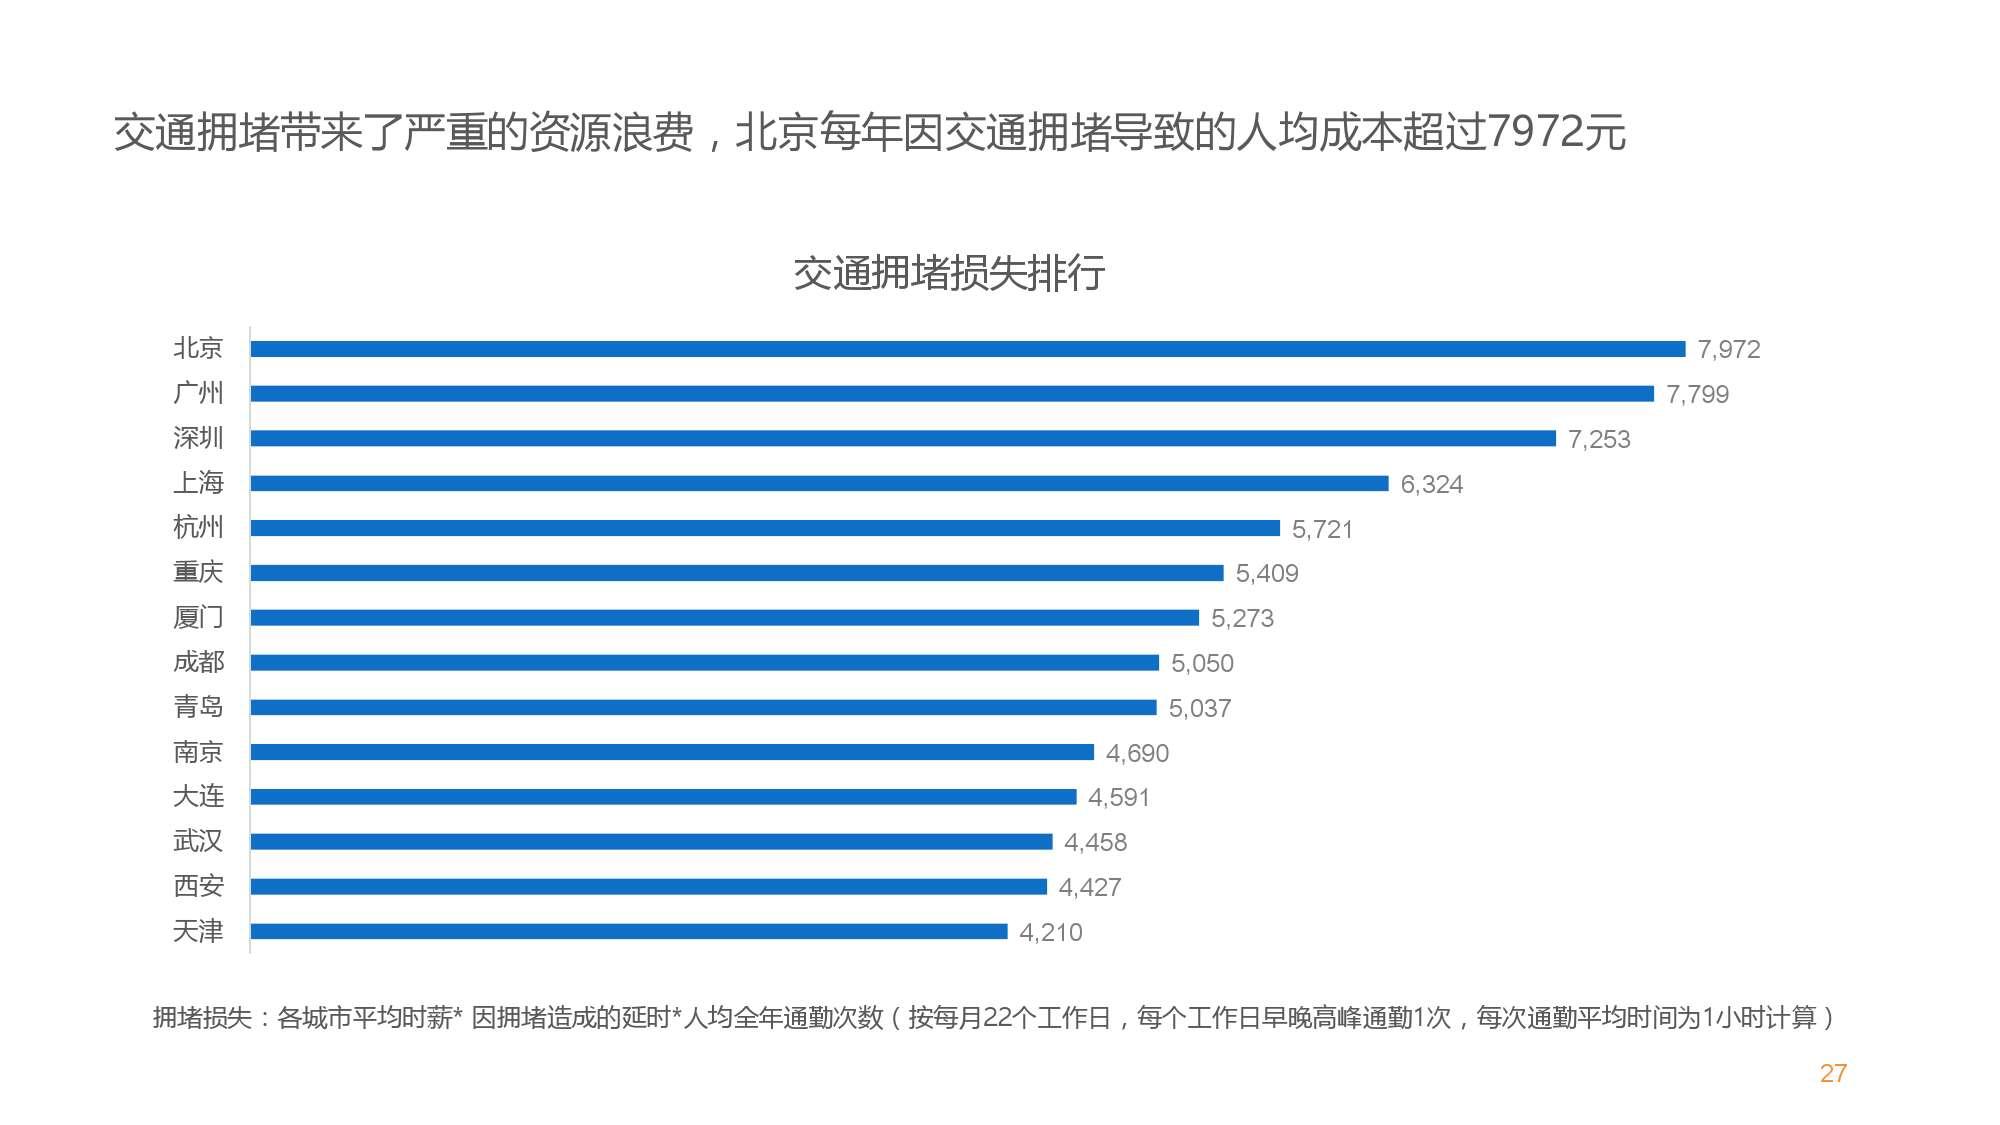 中国智能出行2015大数据报告_000027